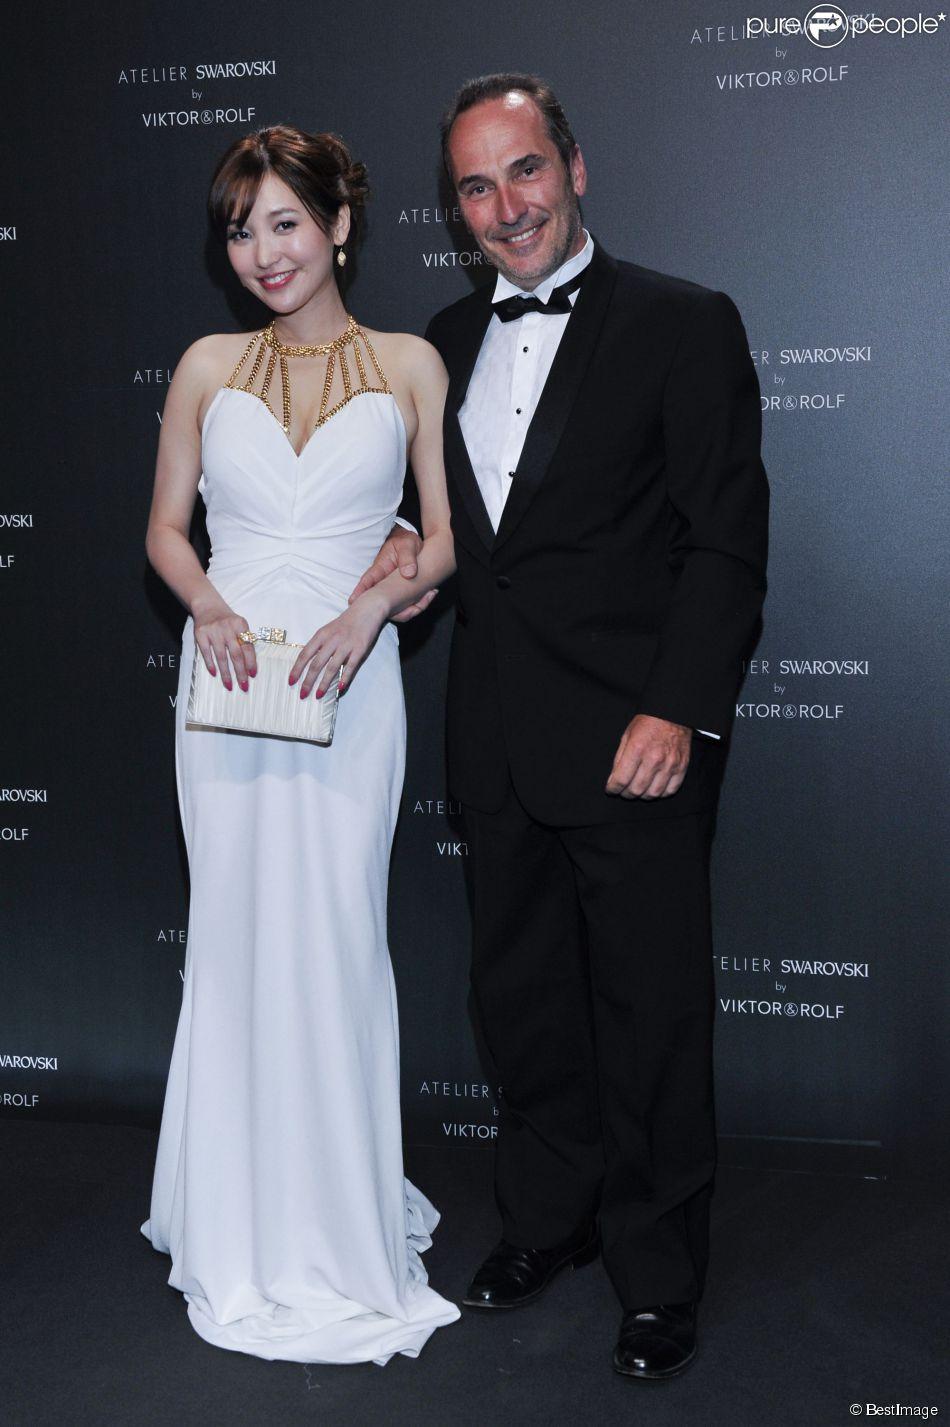 Jin Sha et Pitof - Soirée Swarovski et Viktor & Rolf à l'Ecrin lors du 67e Festival international du film de Cannes, le 16 mai 2014